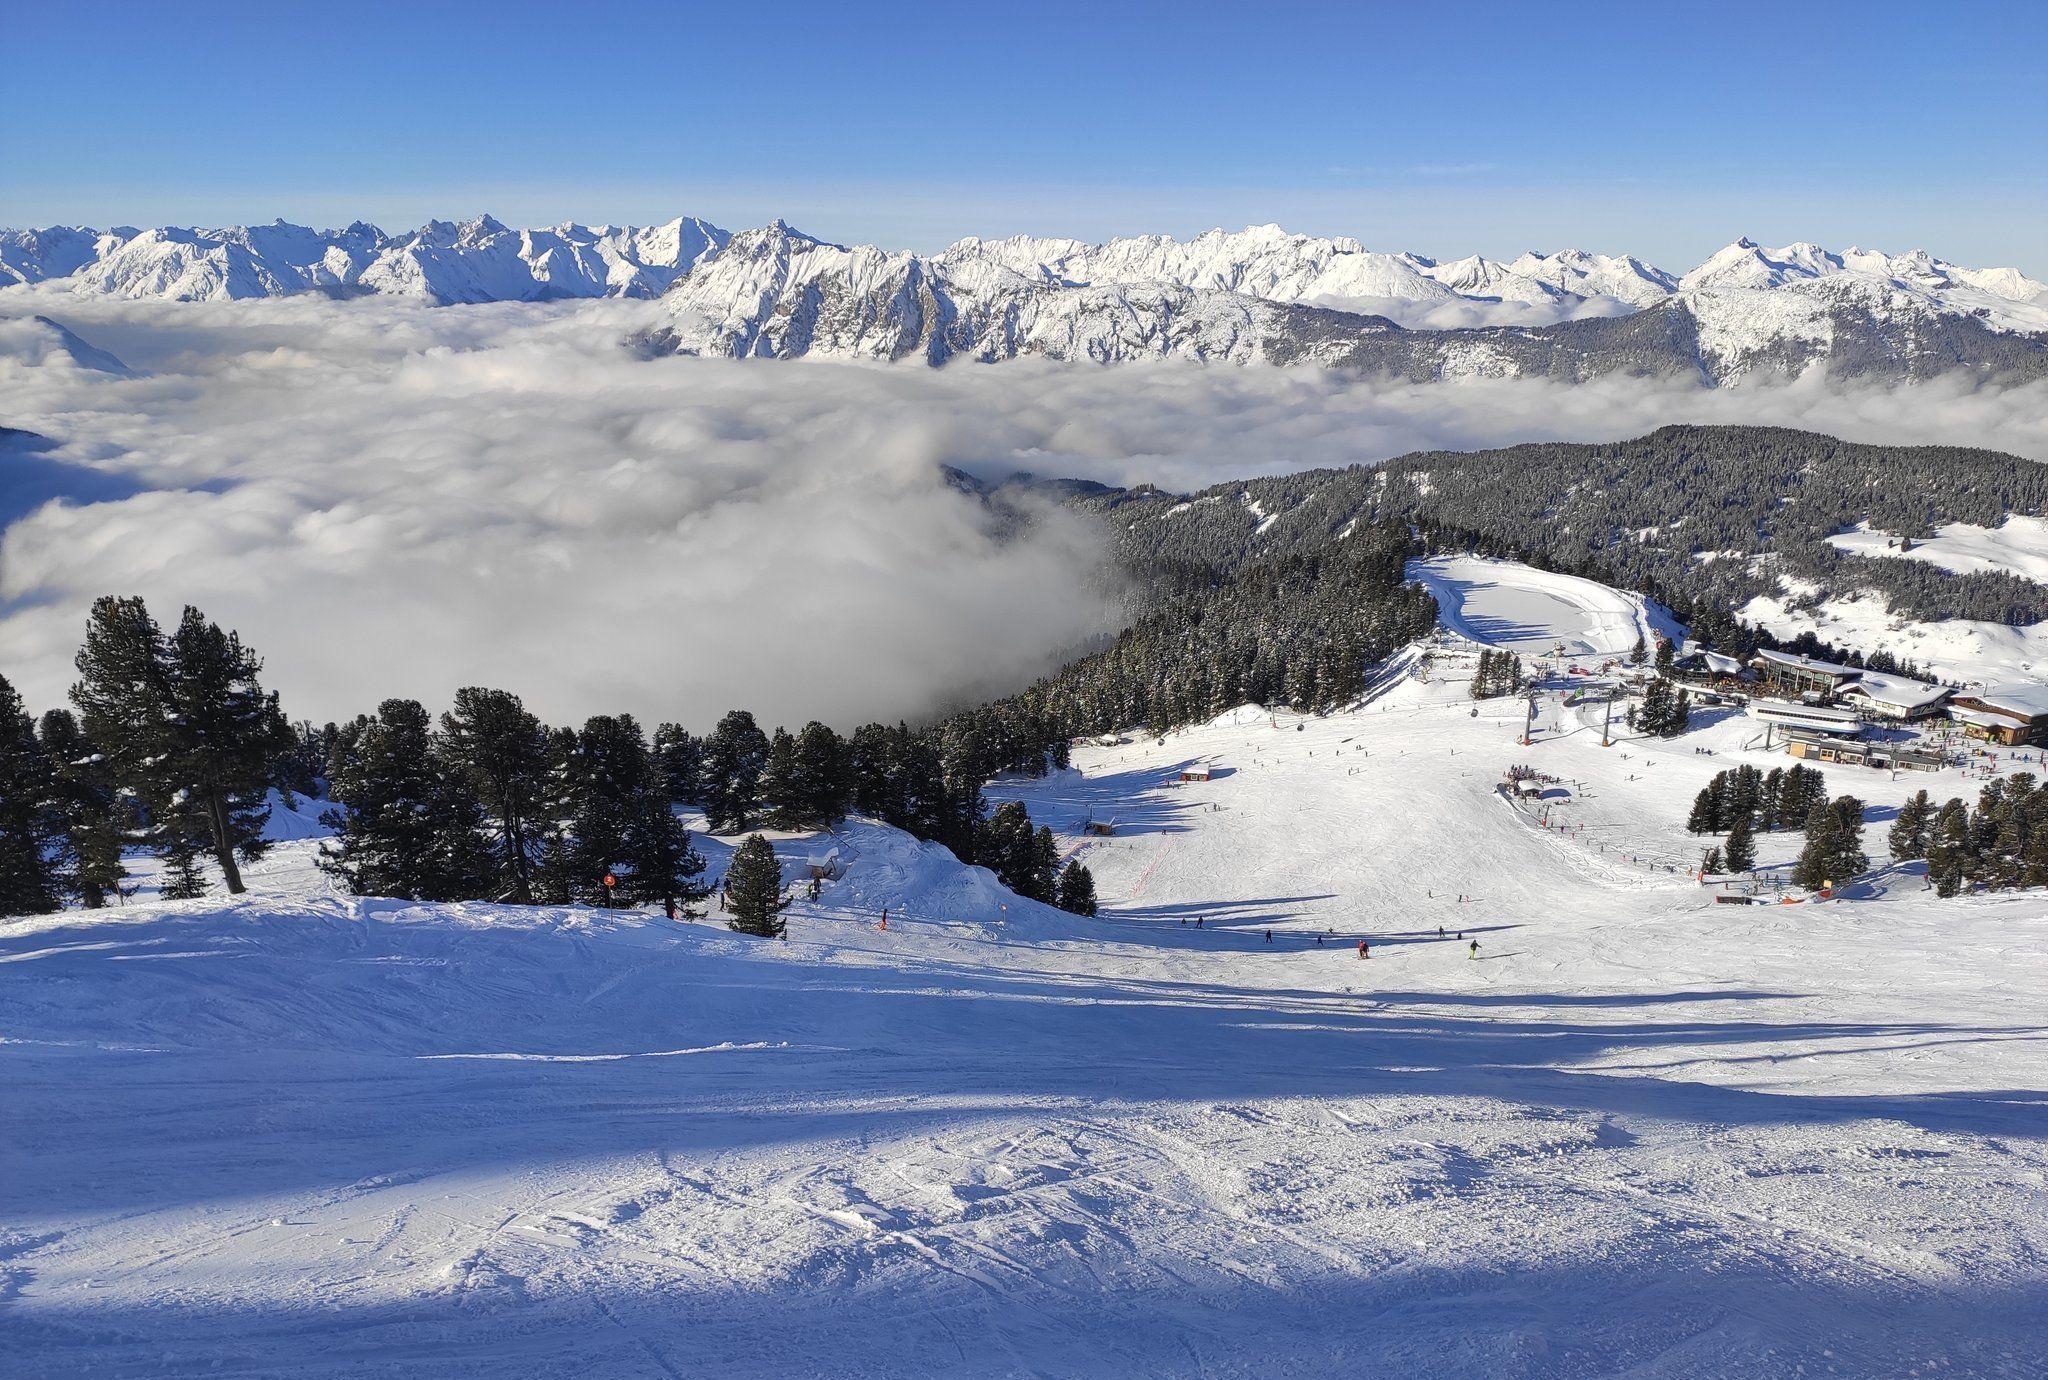 Alpengangers Getrakteerd Op Een Zonovergoten Week